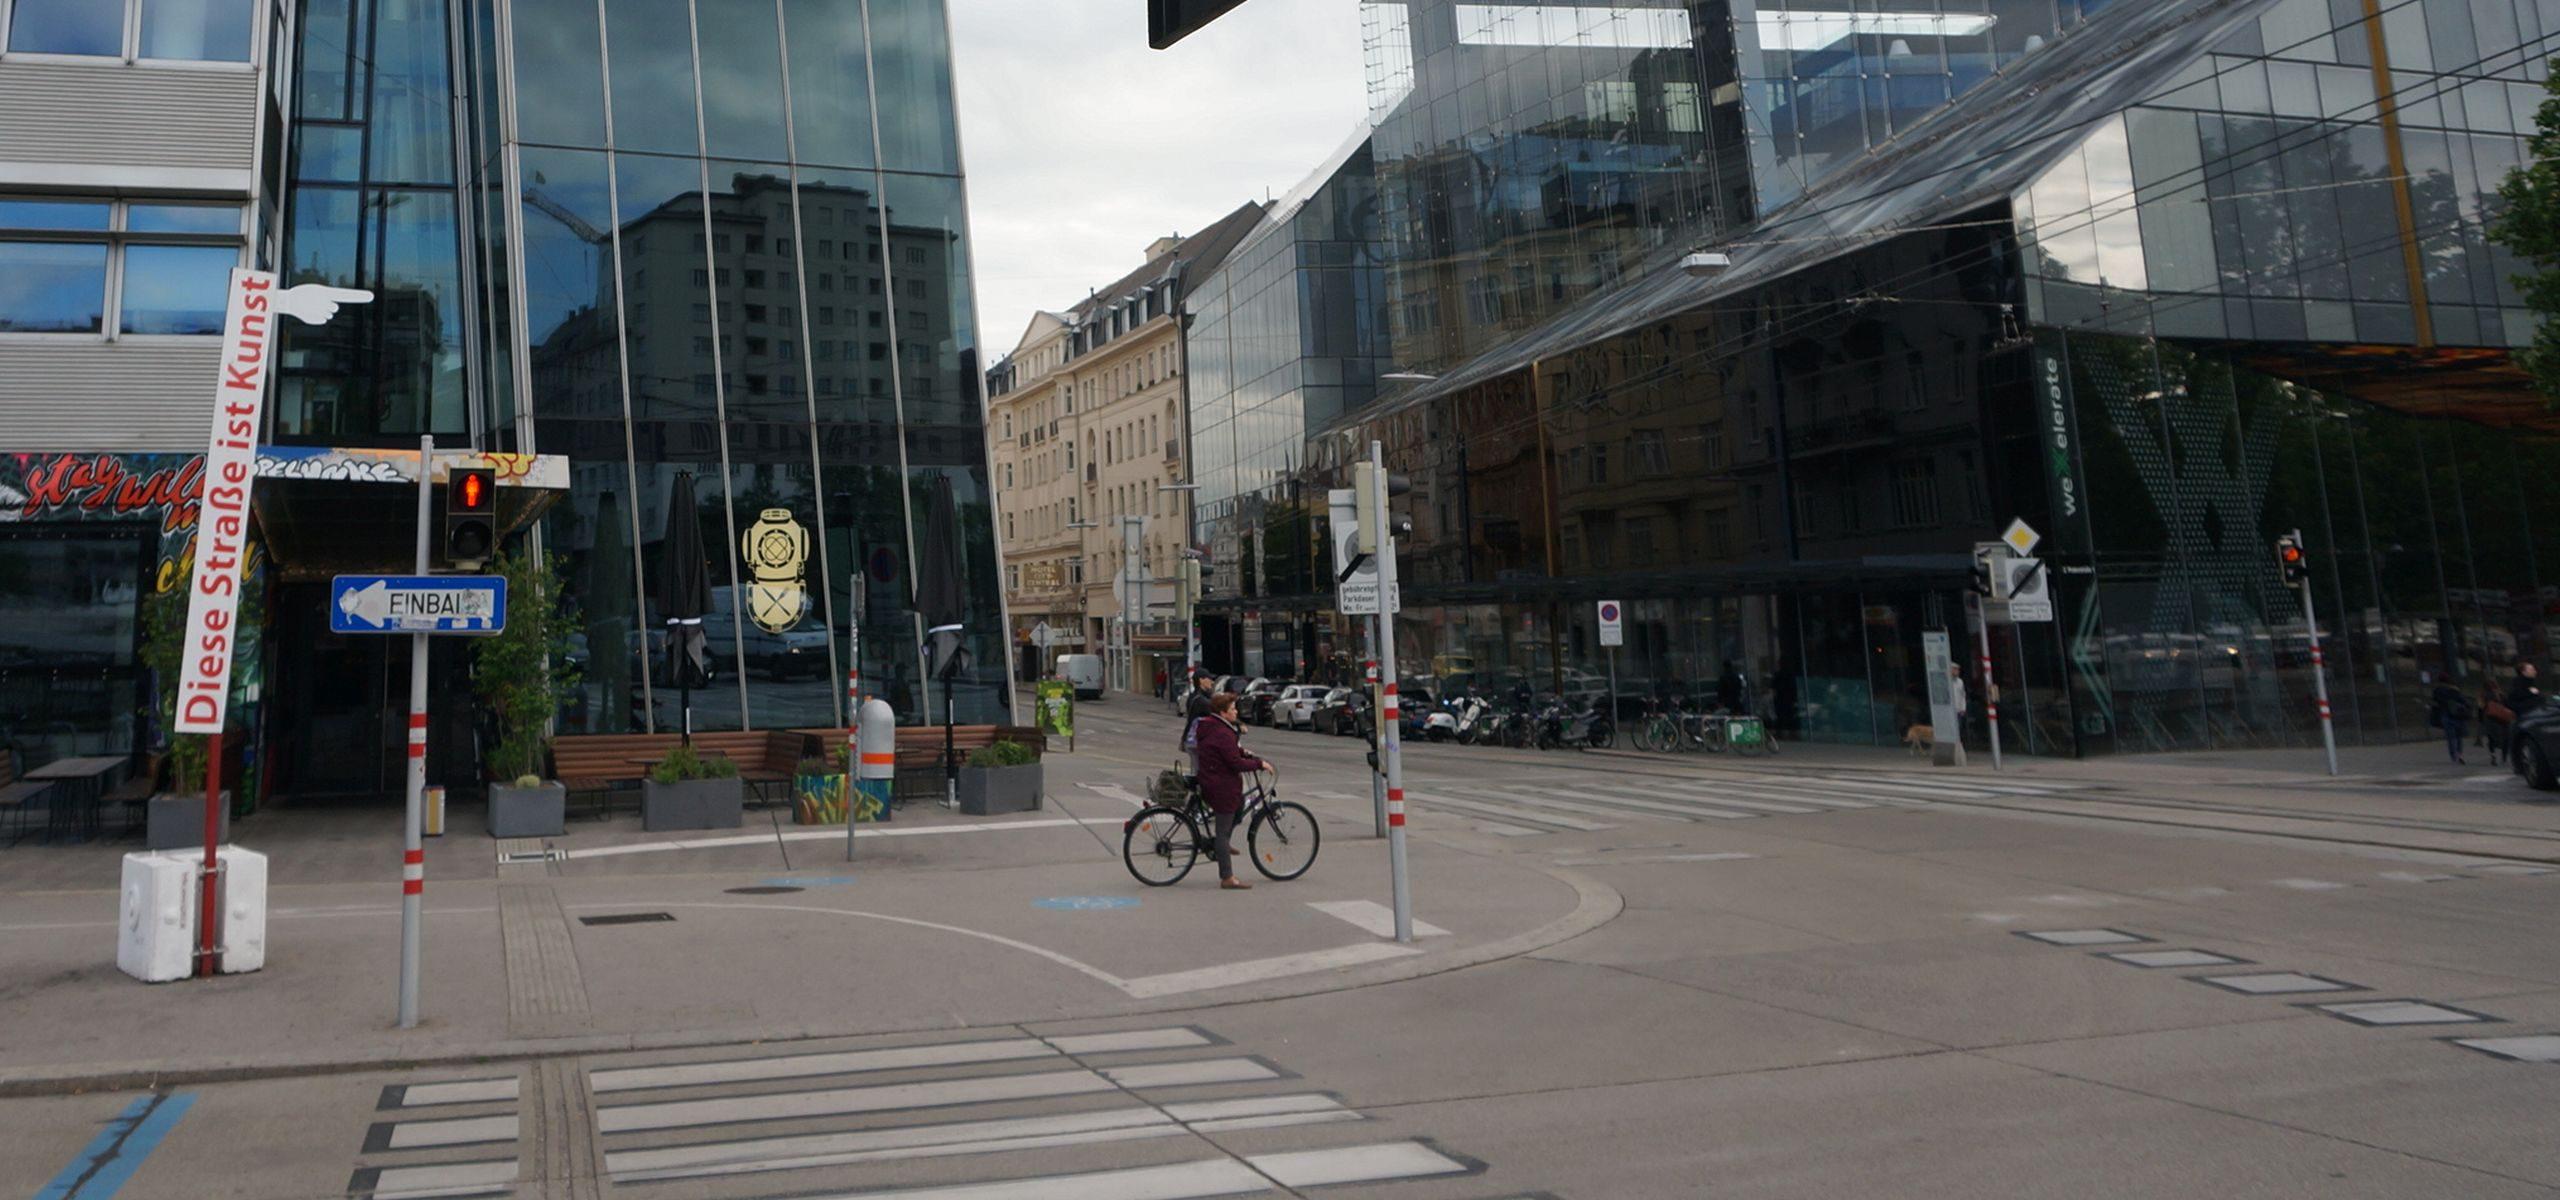 Diese Straße ist Kunst. Kunstprojekt auf der Taborstraße.